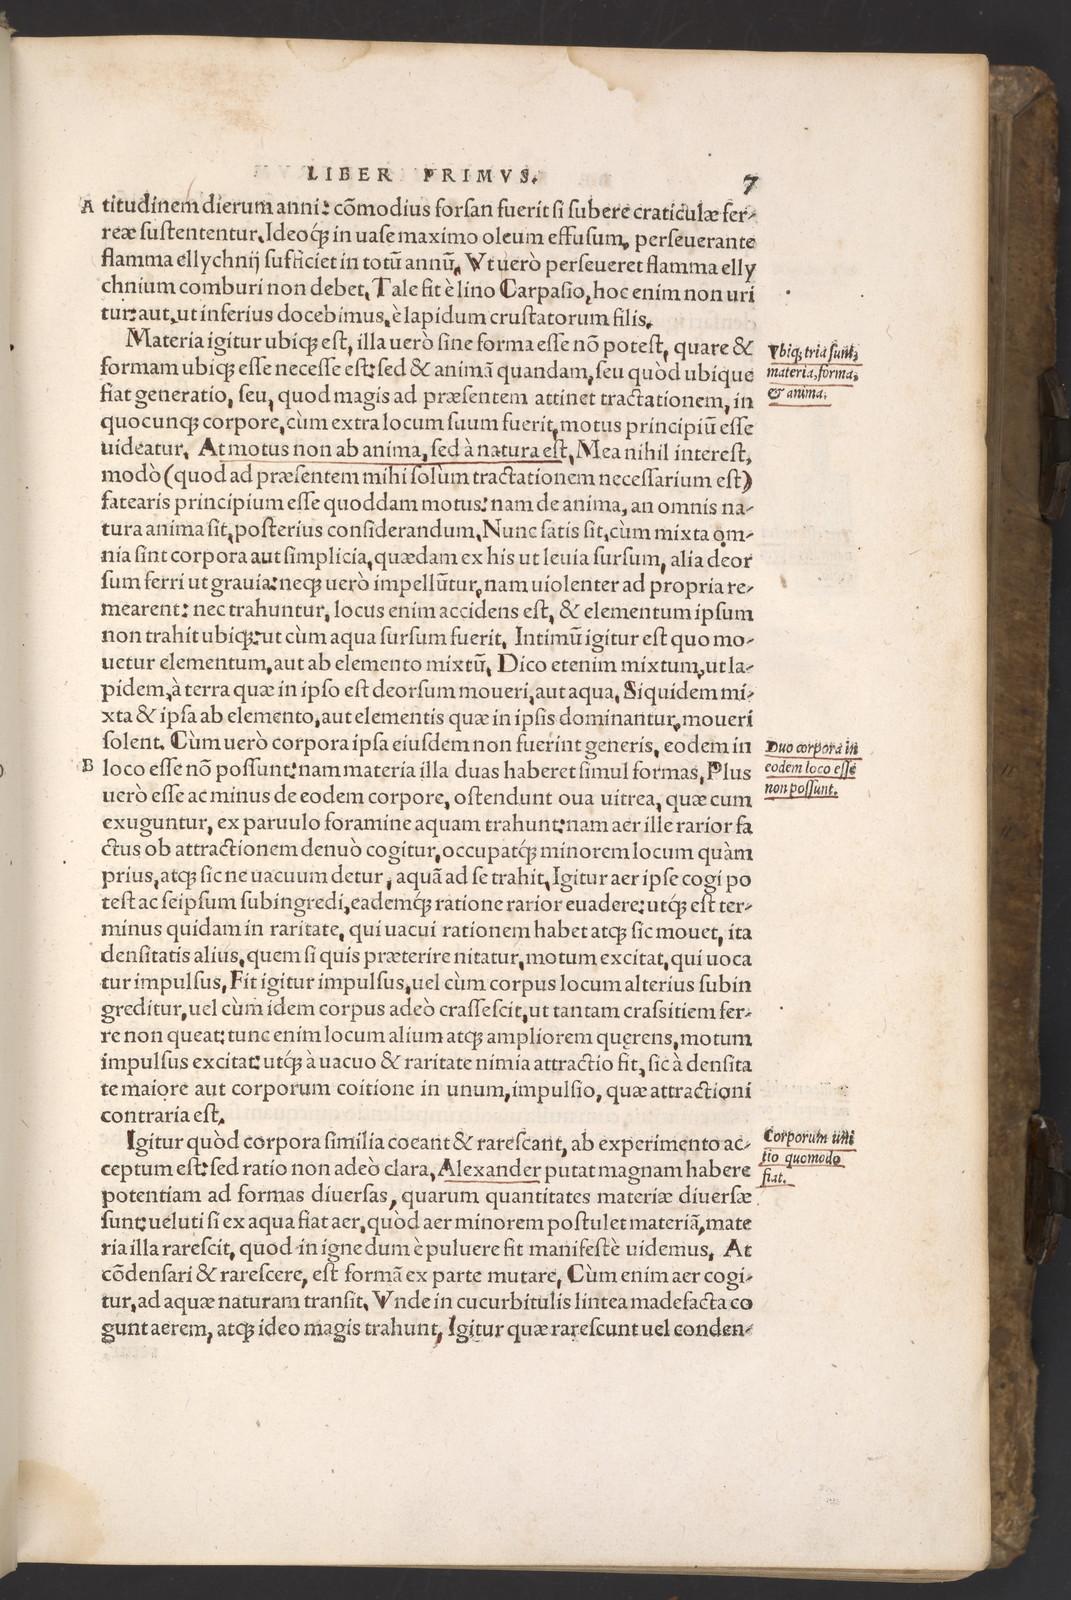 Hieronymi Cardani Mediolanensis medici De subtilitate libri XXI : nunc demum ab ipso autore recogniti atque perfecti.